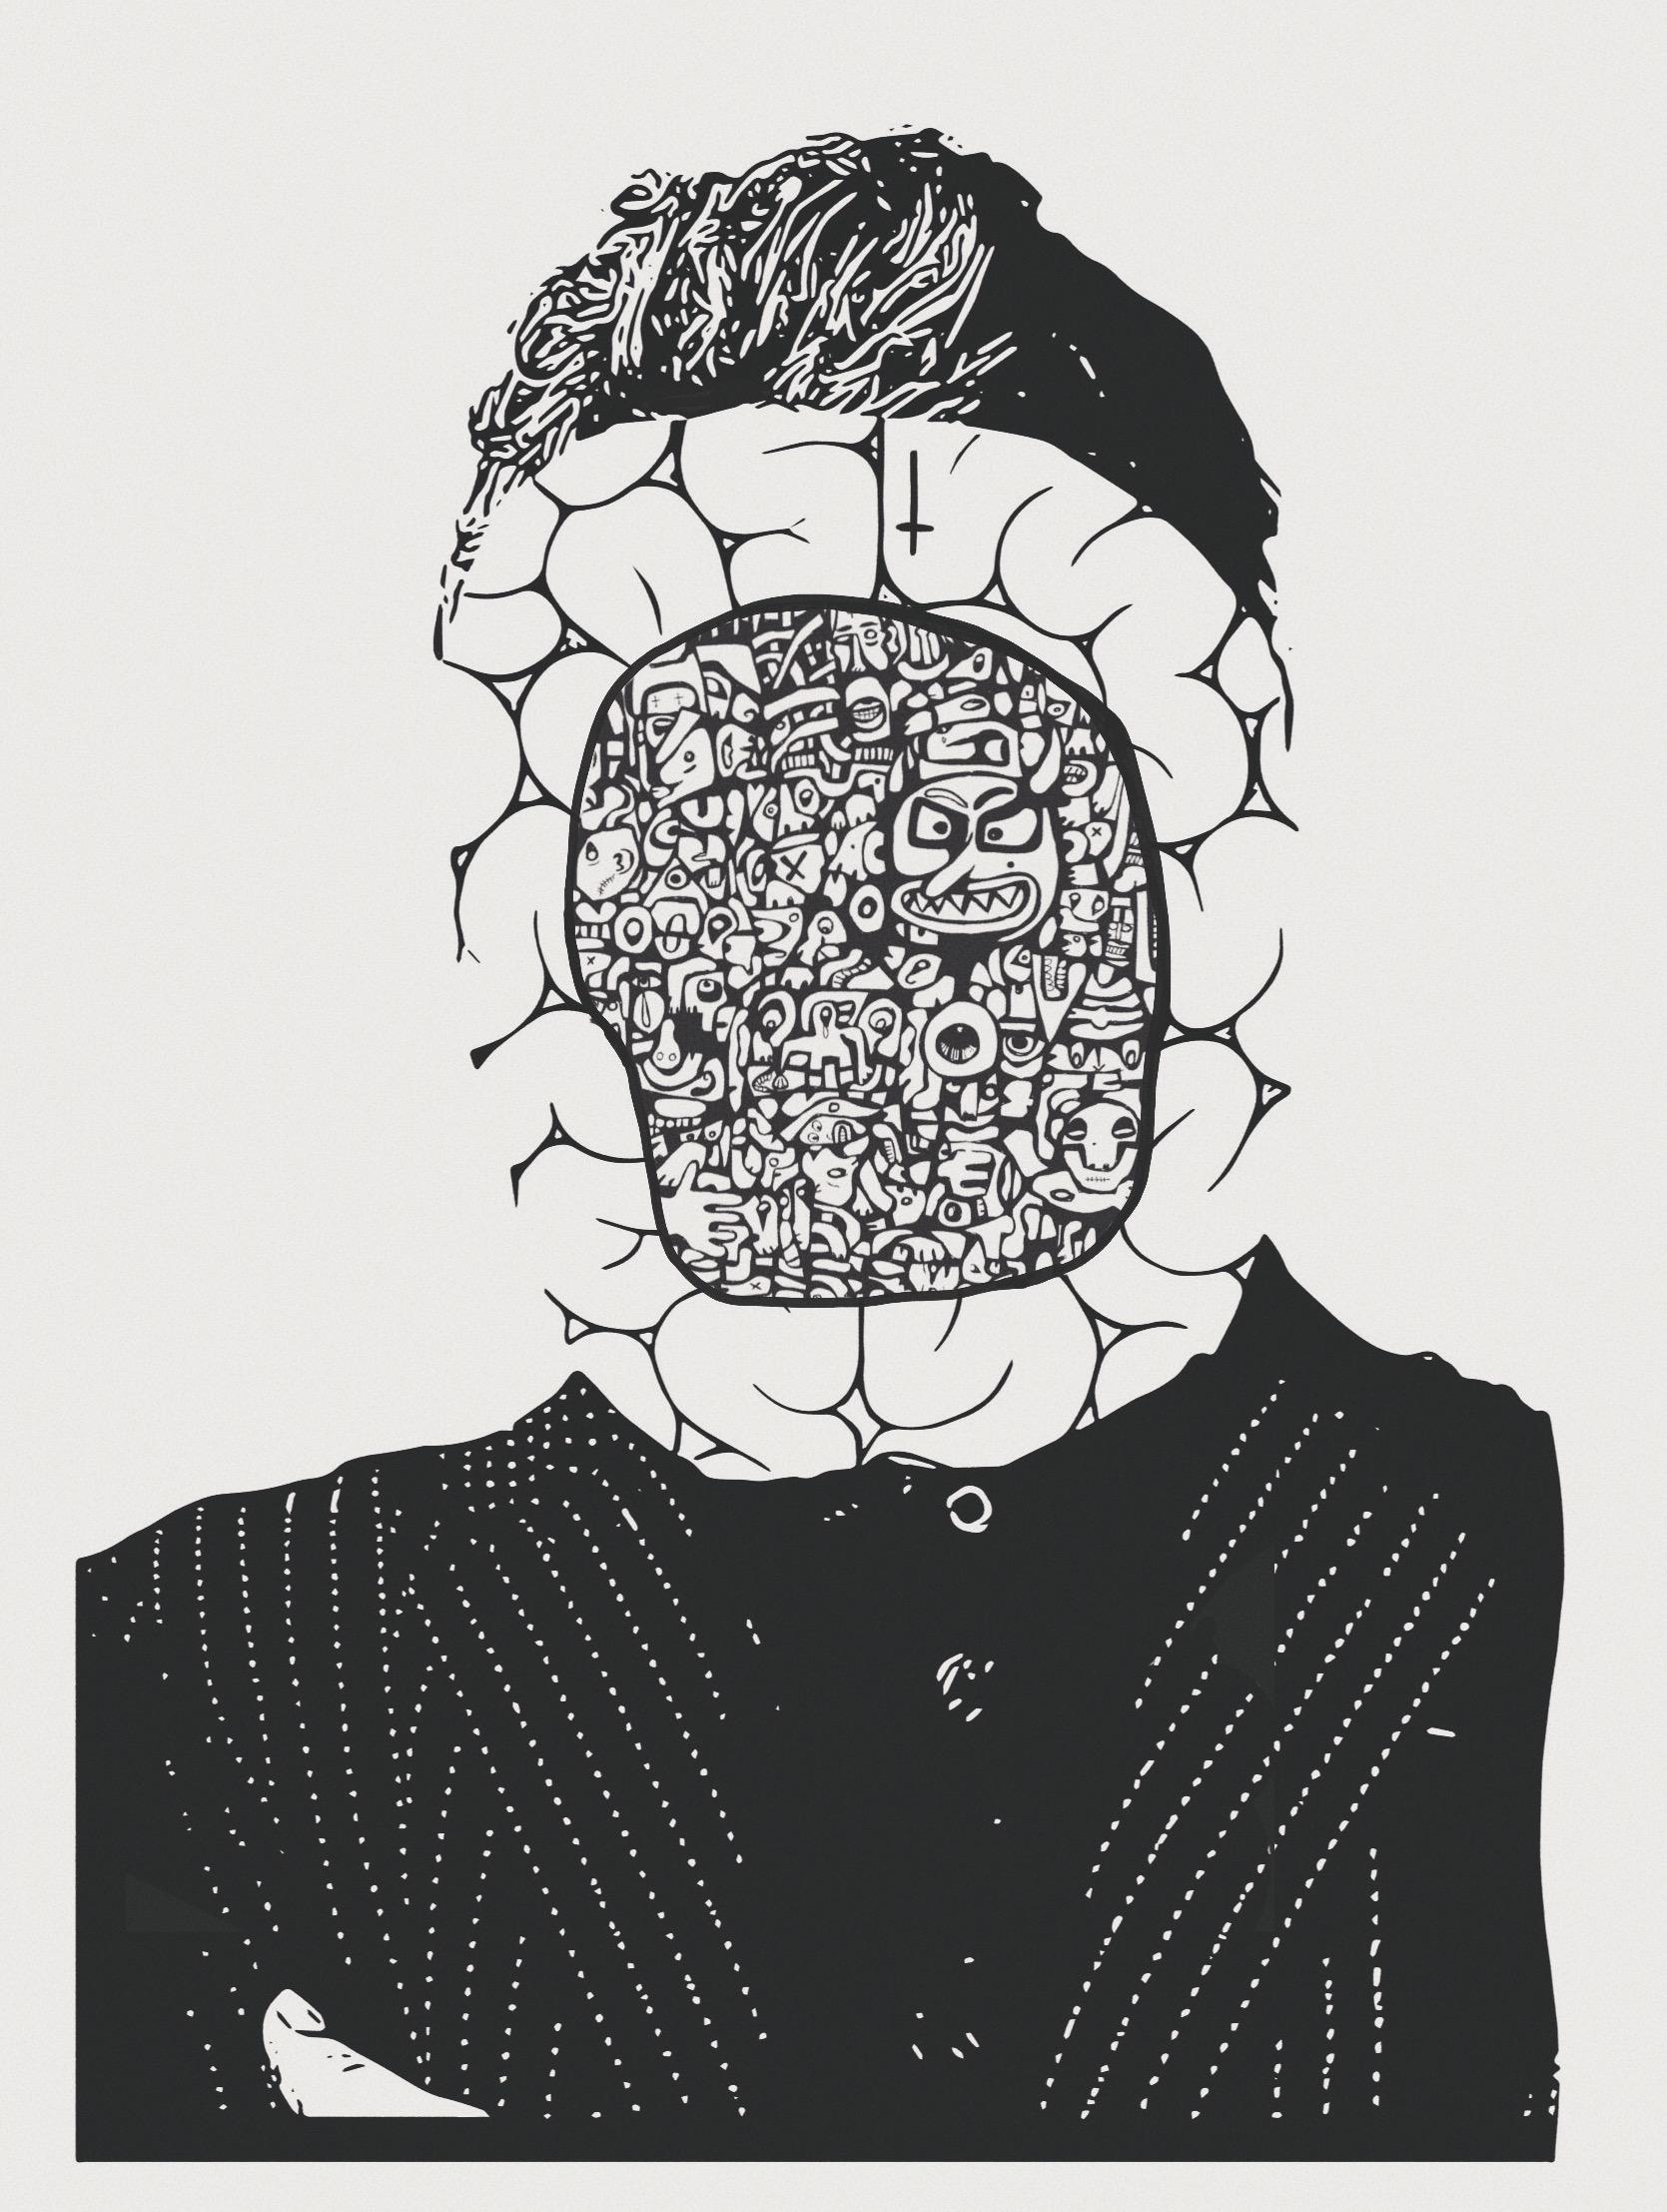 Microwave mind